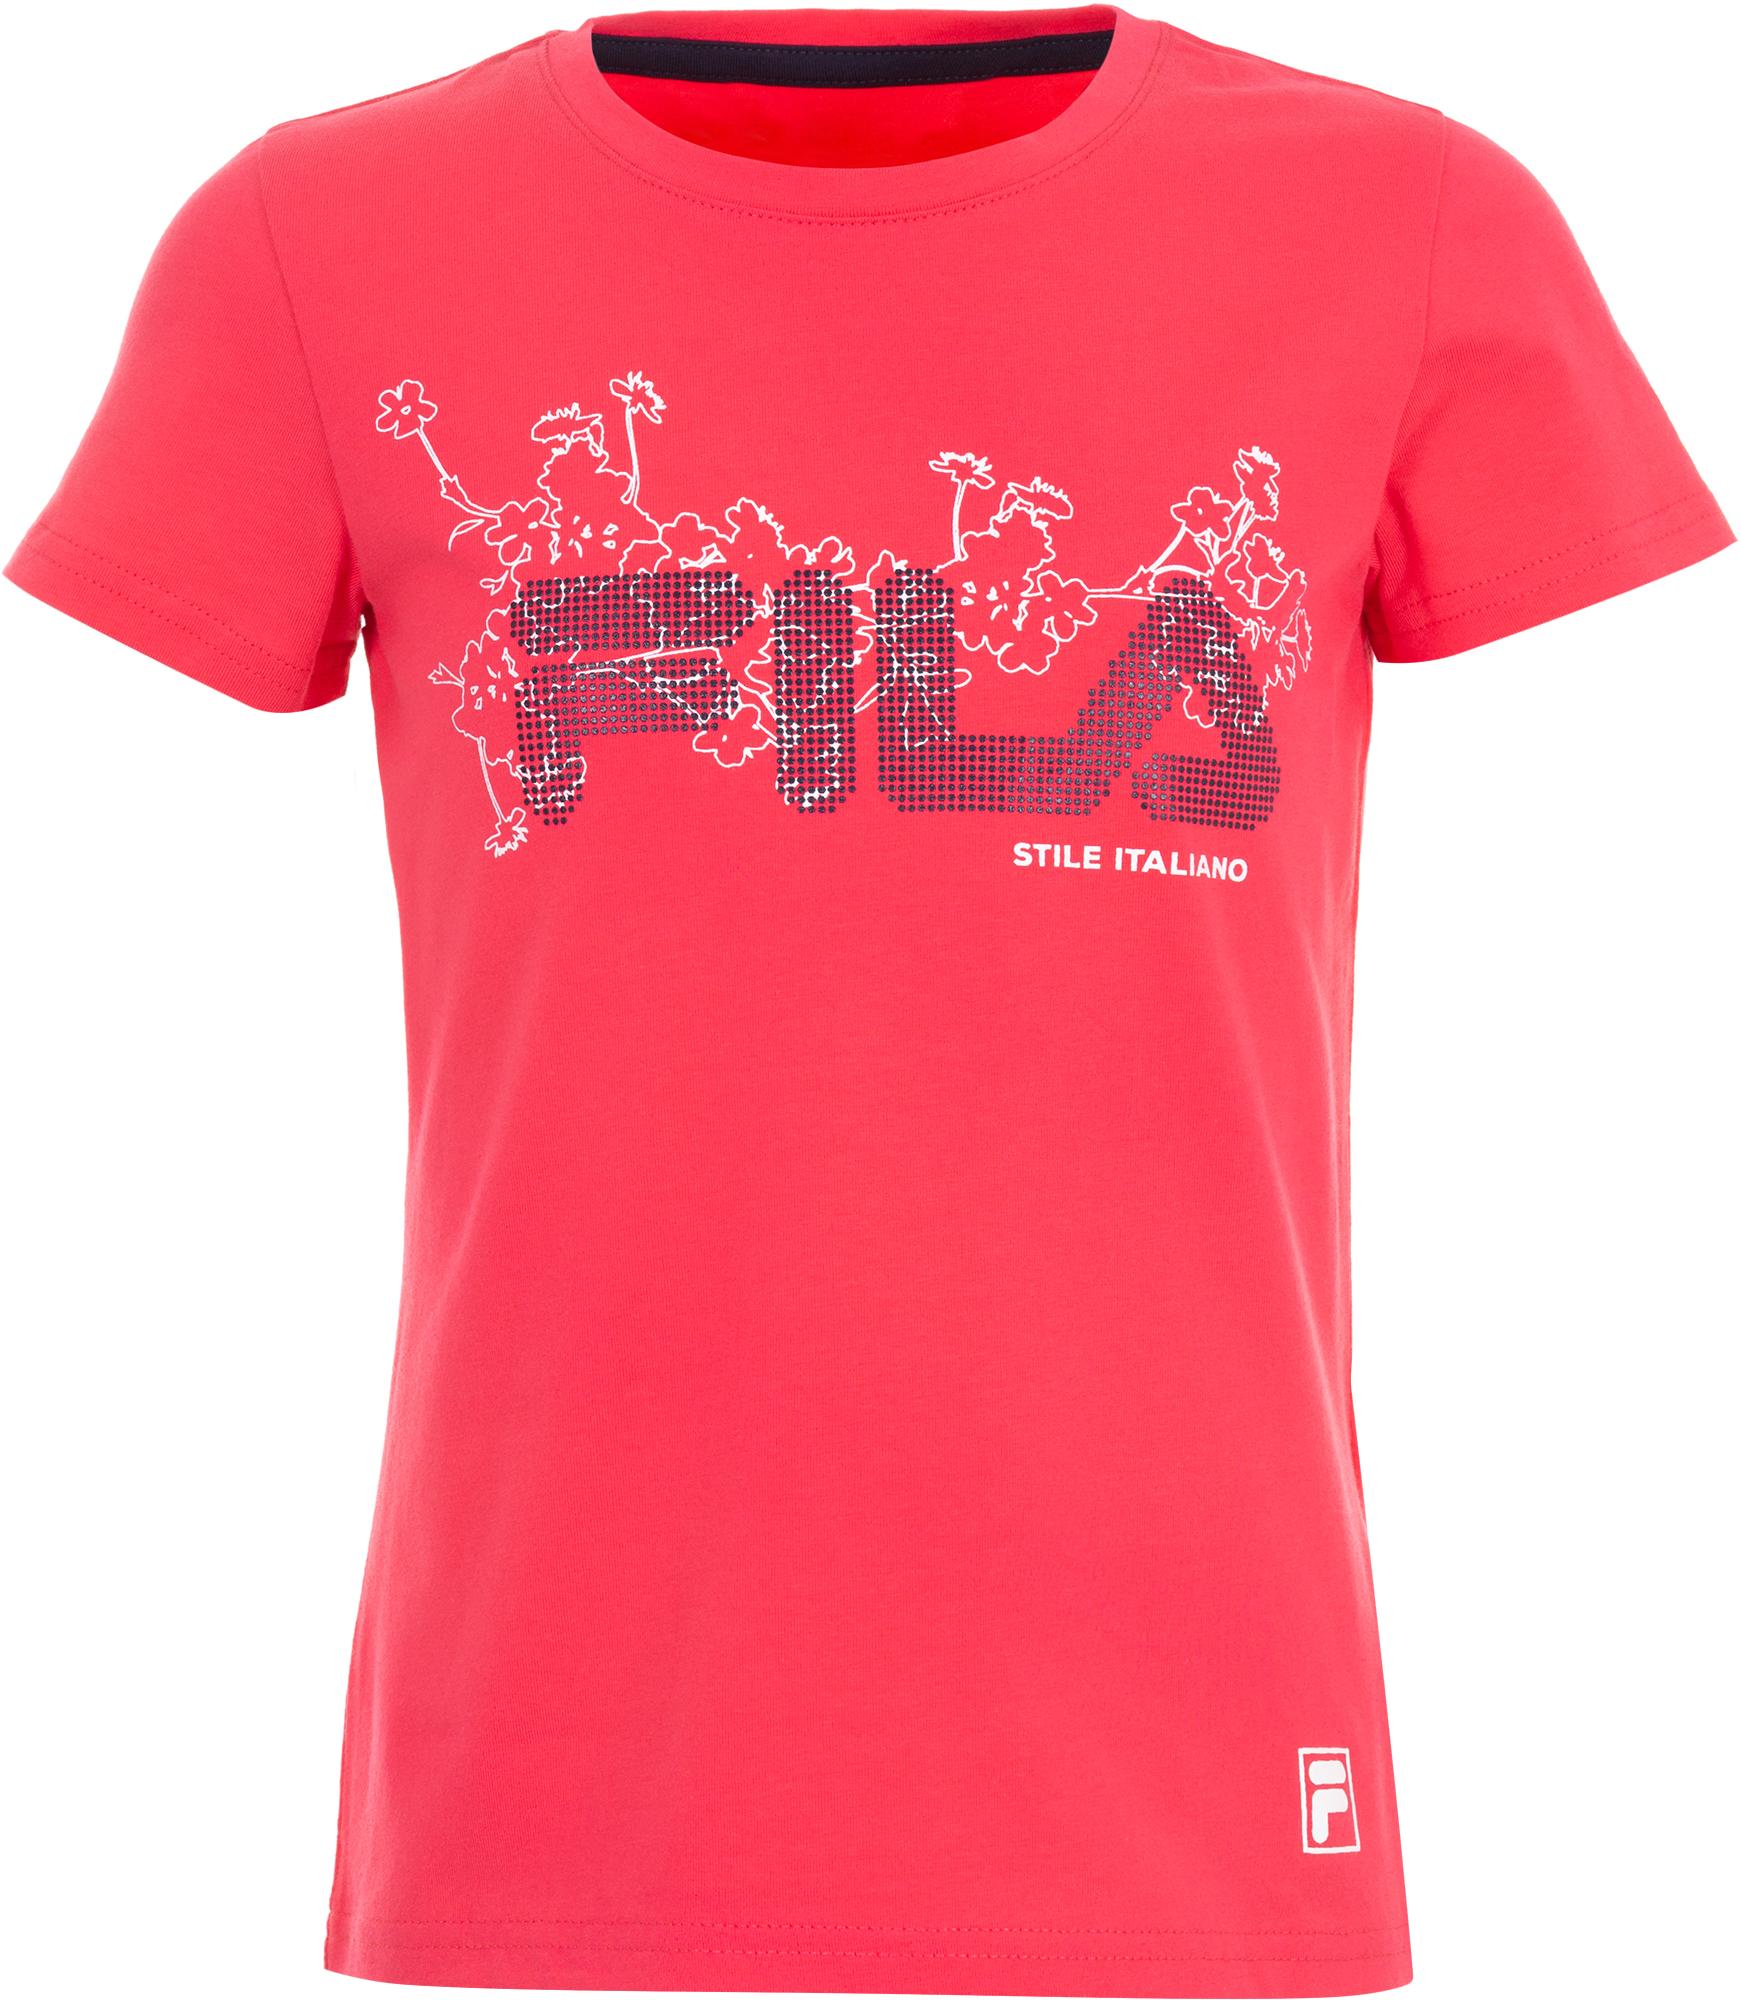 купить Fila Футболка для девочек Fila, размер 122 онлайн